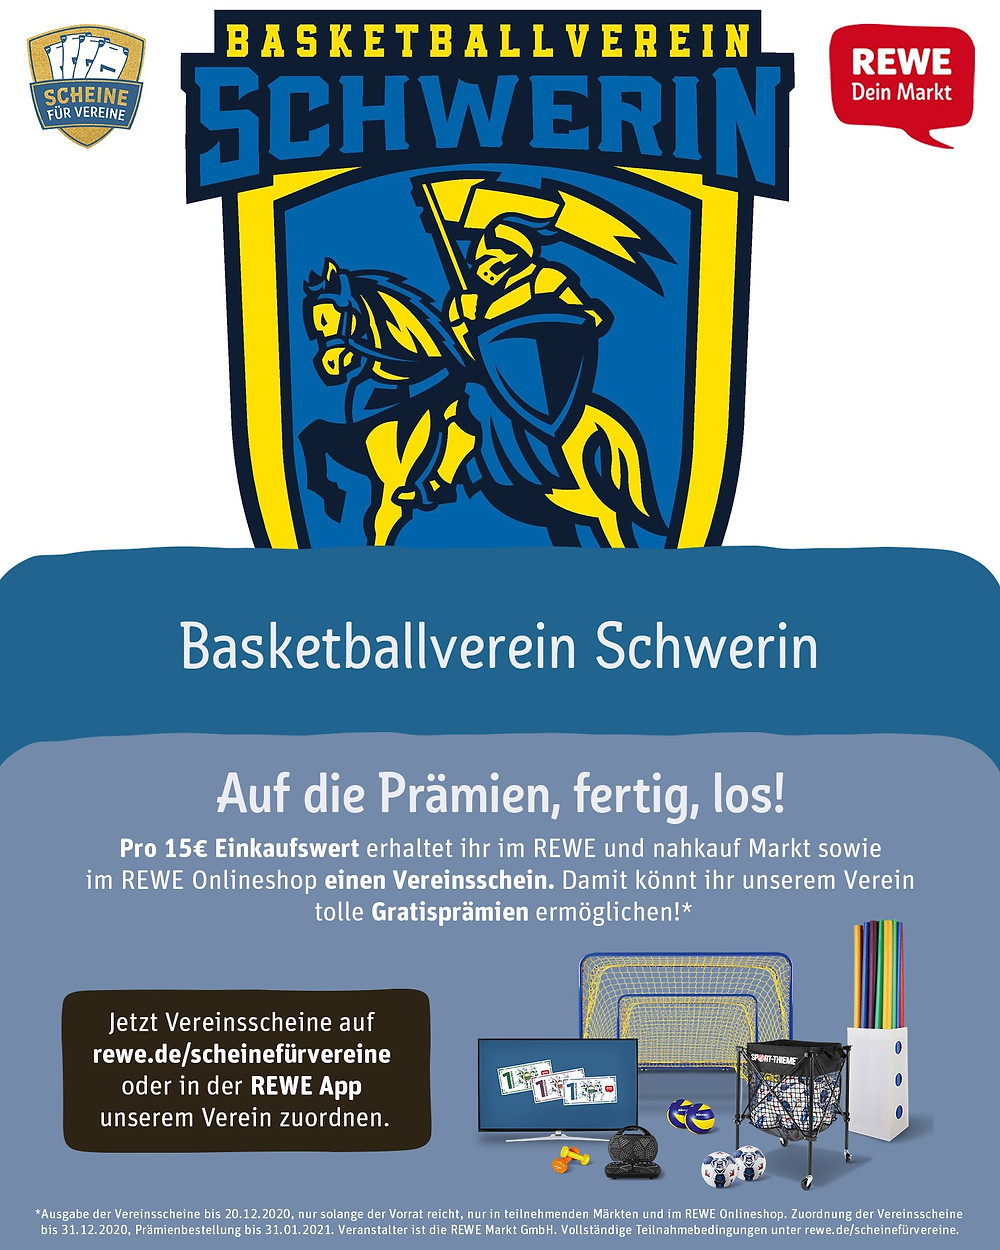 REWE Scheine für Vereine | Basketball Schwerin